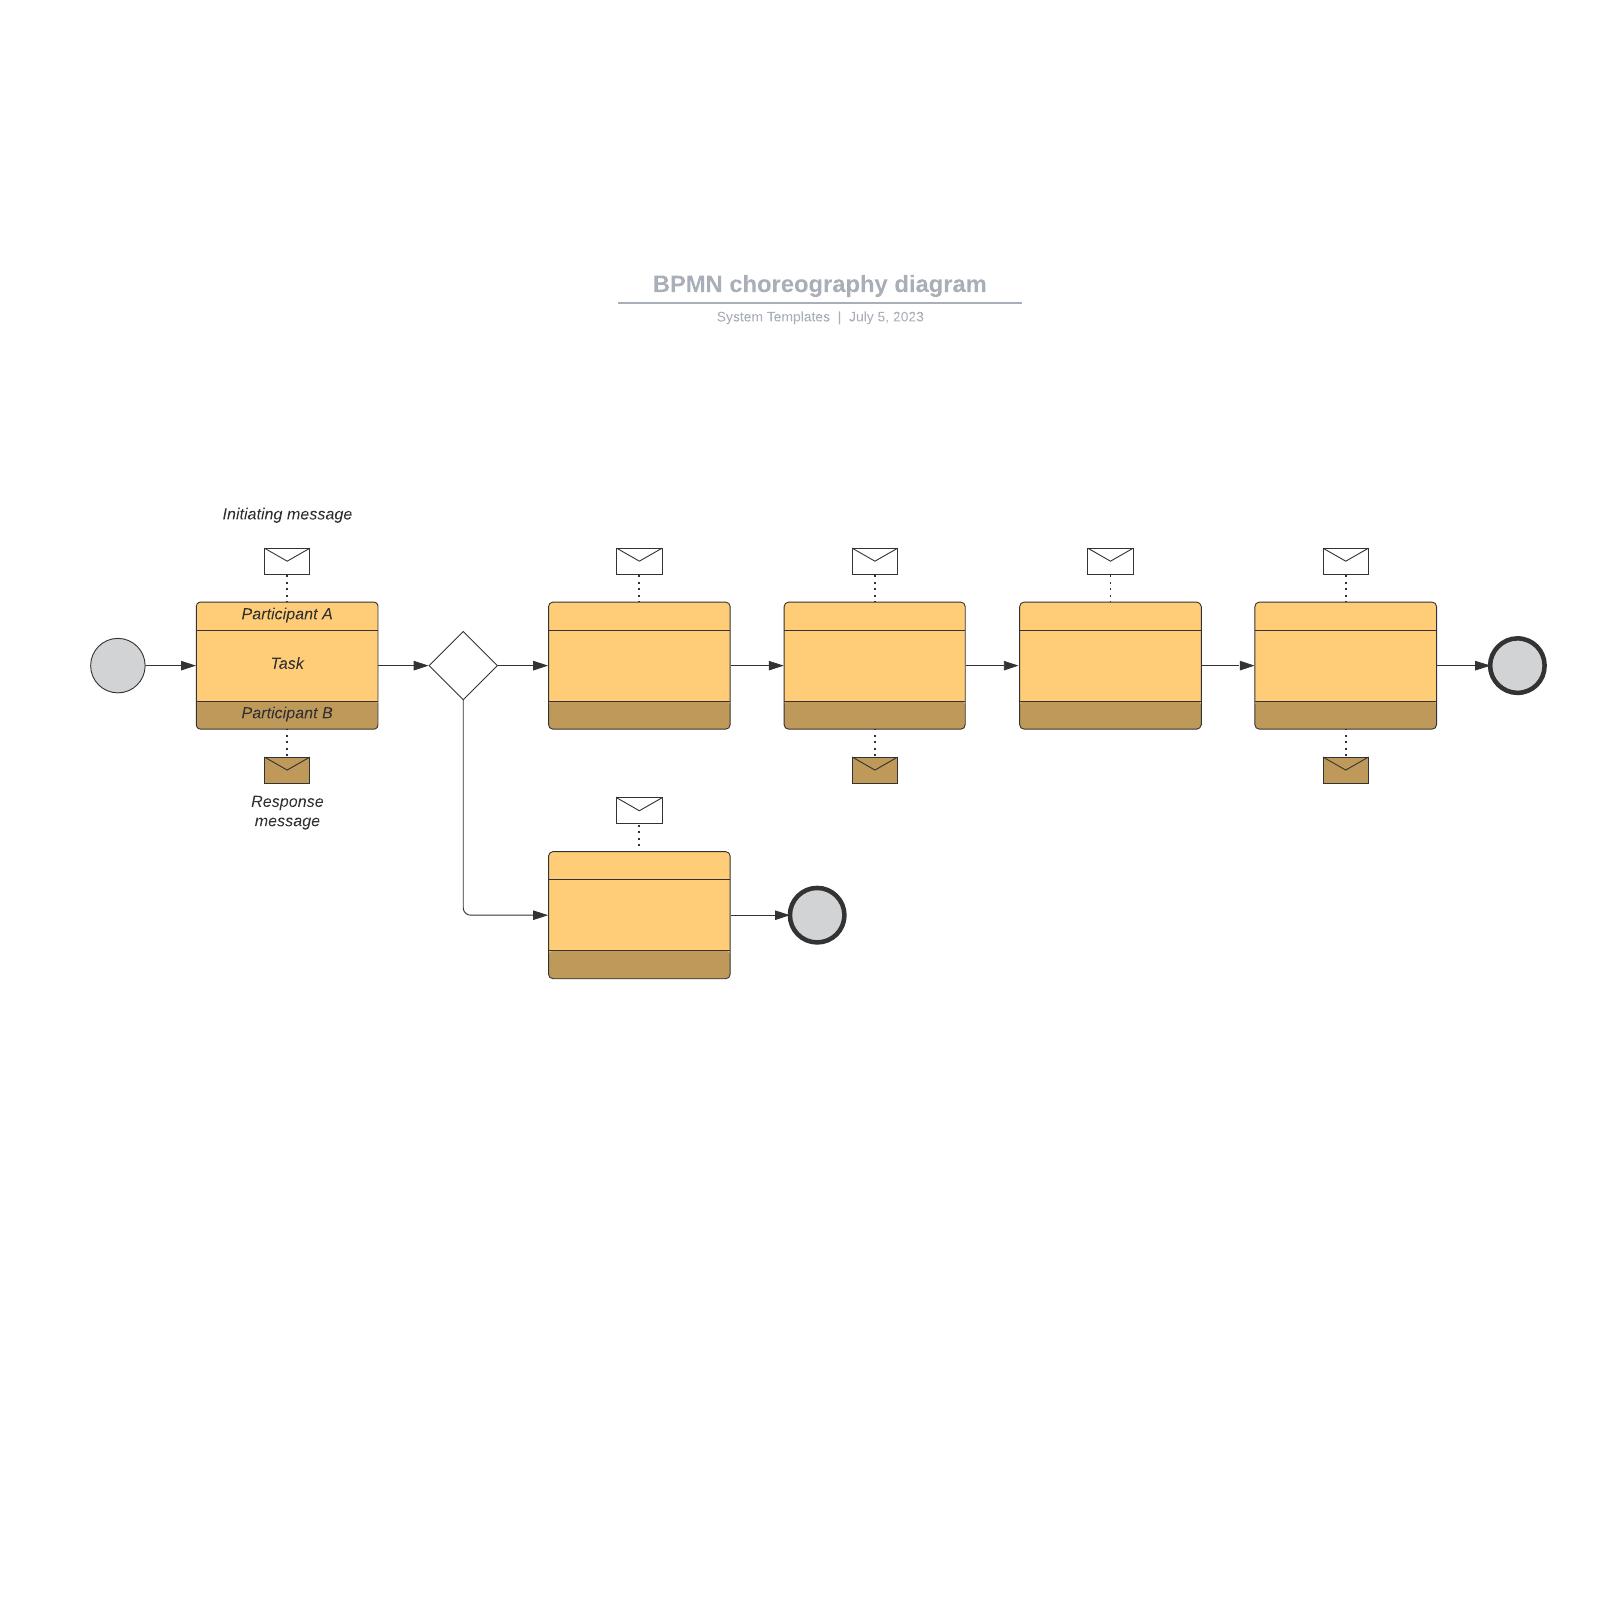 BPMN choreography diagram